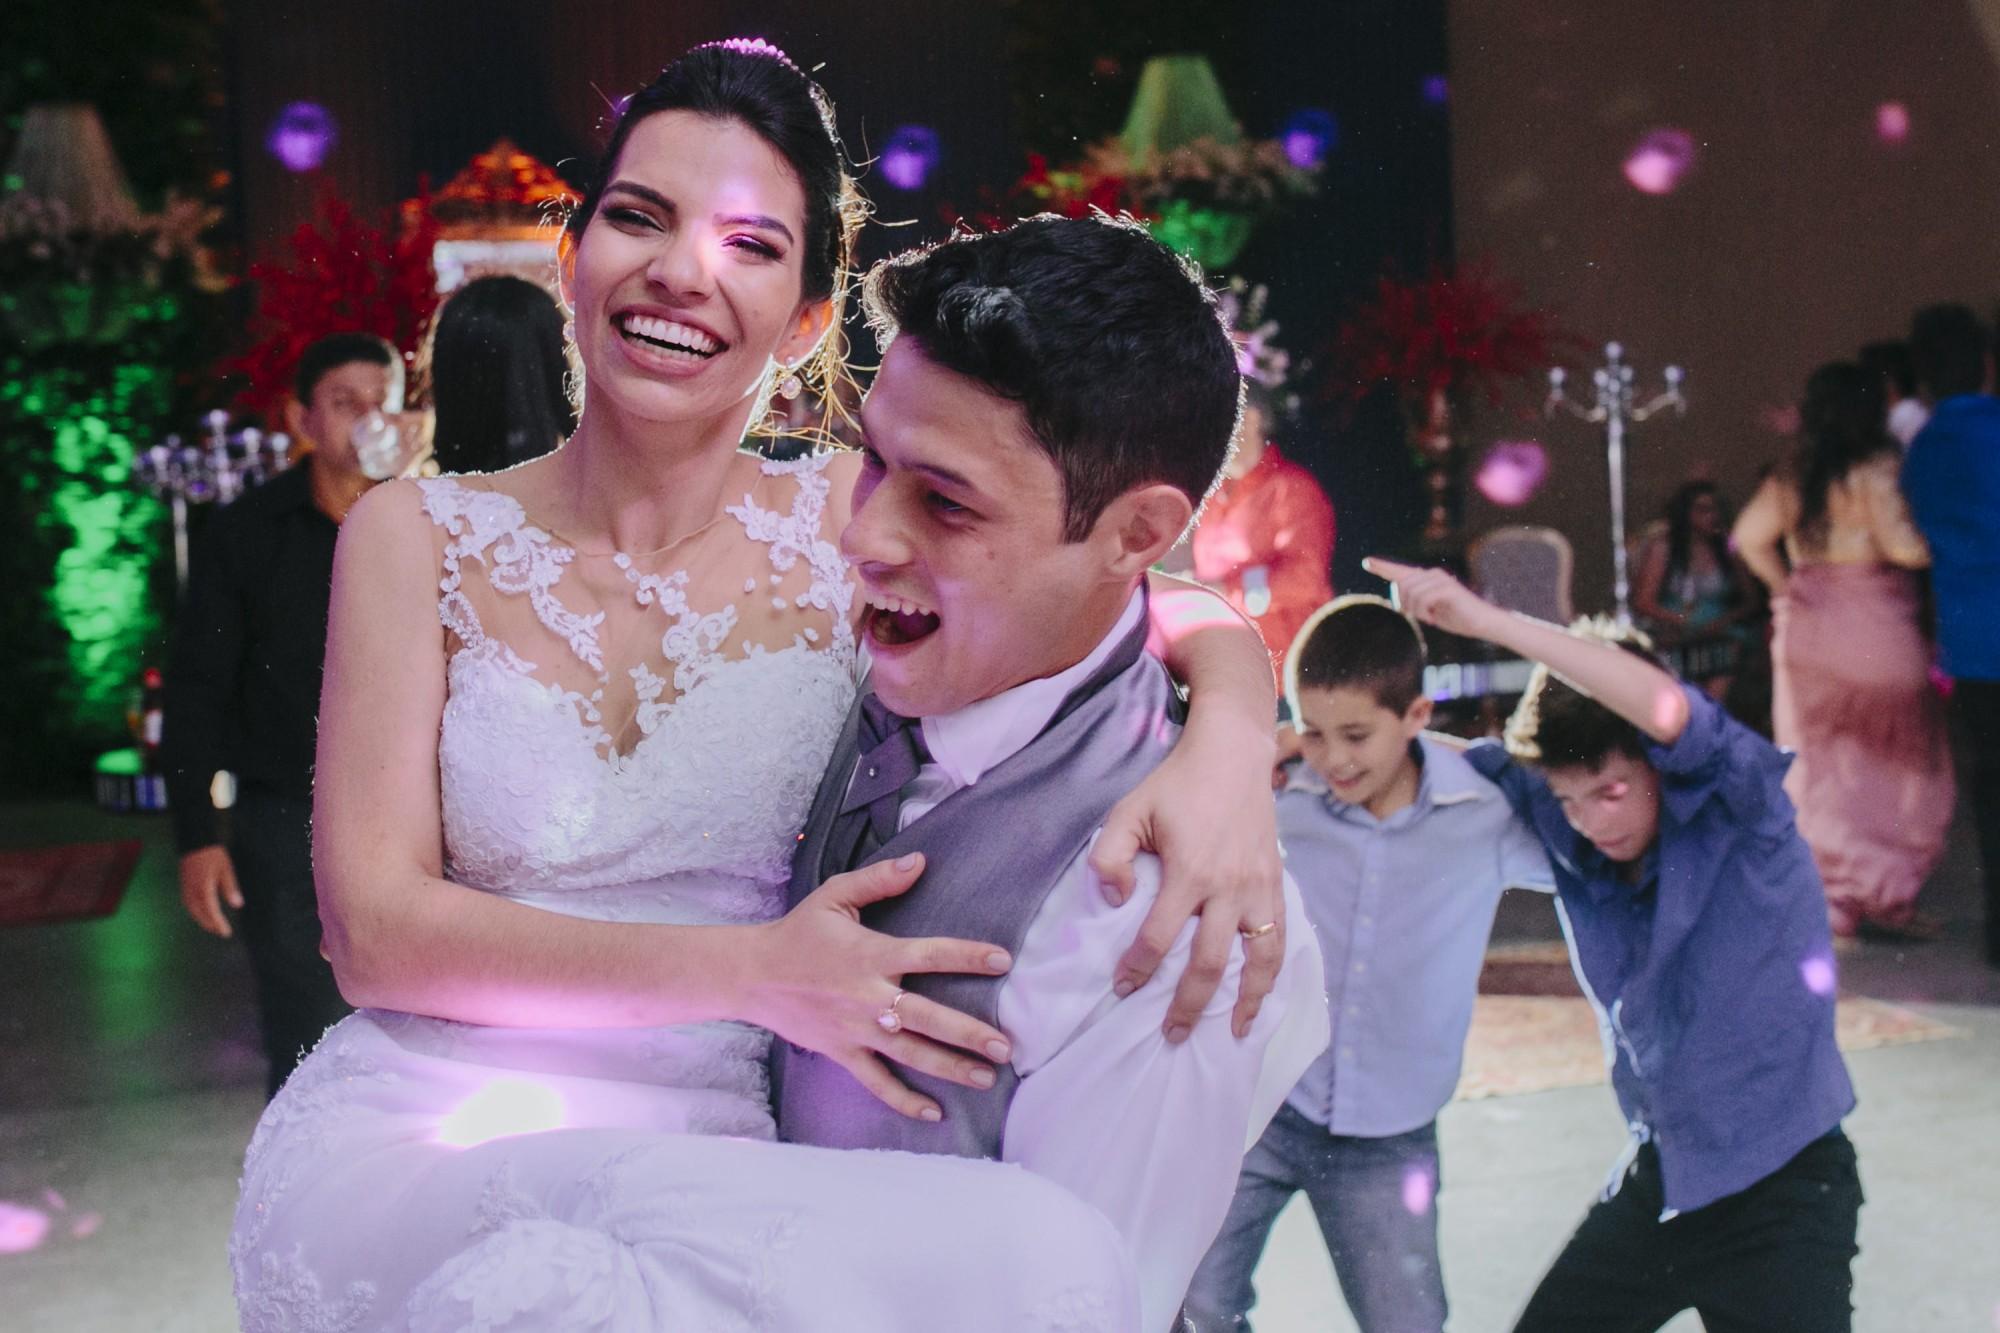 Casamento Camila Rampim e Rafael em Terra Roxa - Paraná - por Lorran Souza e Léia Sotile - fotografos de casamentos - 90